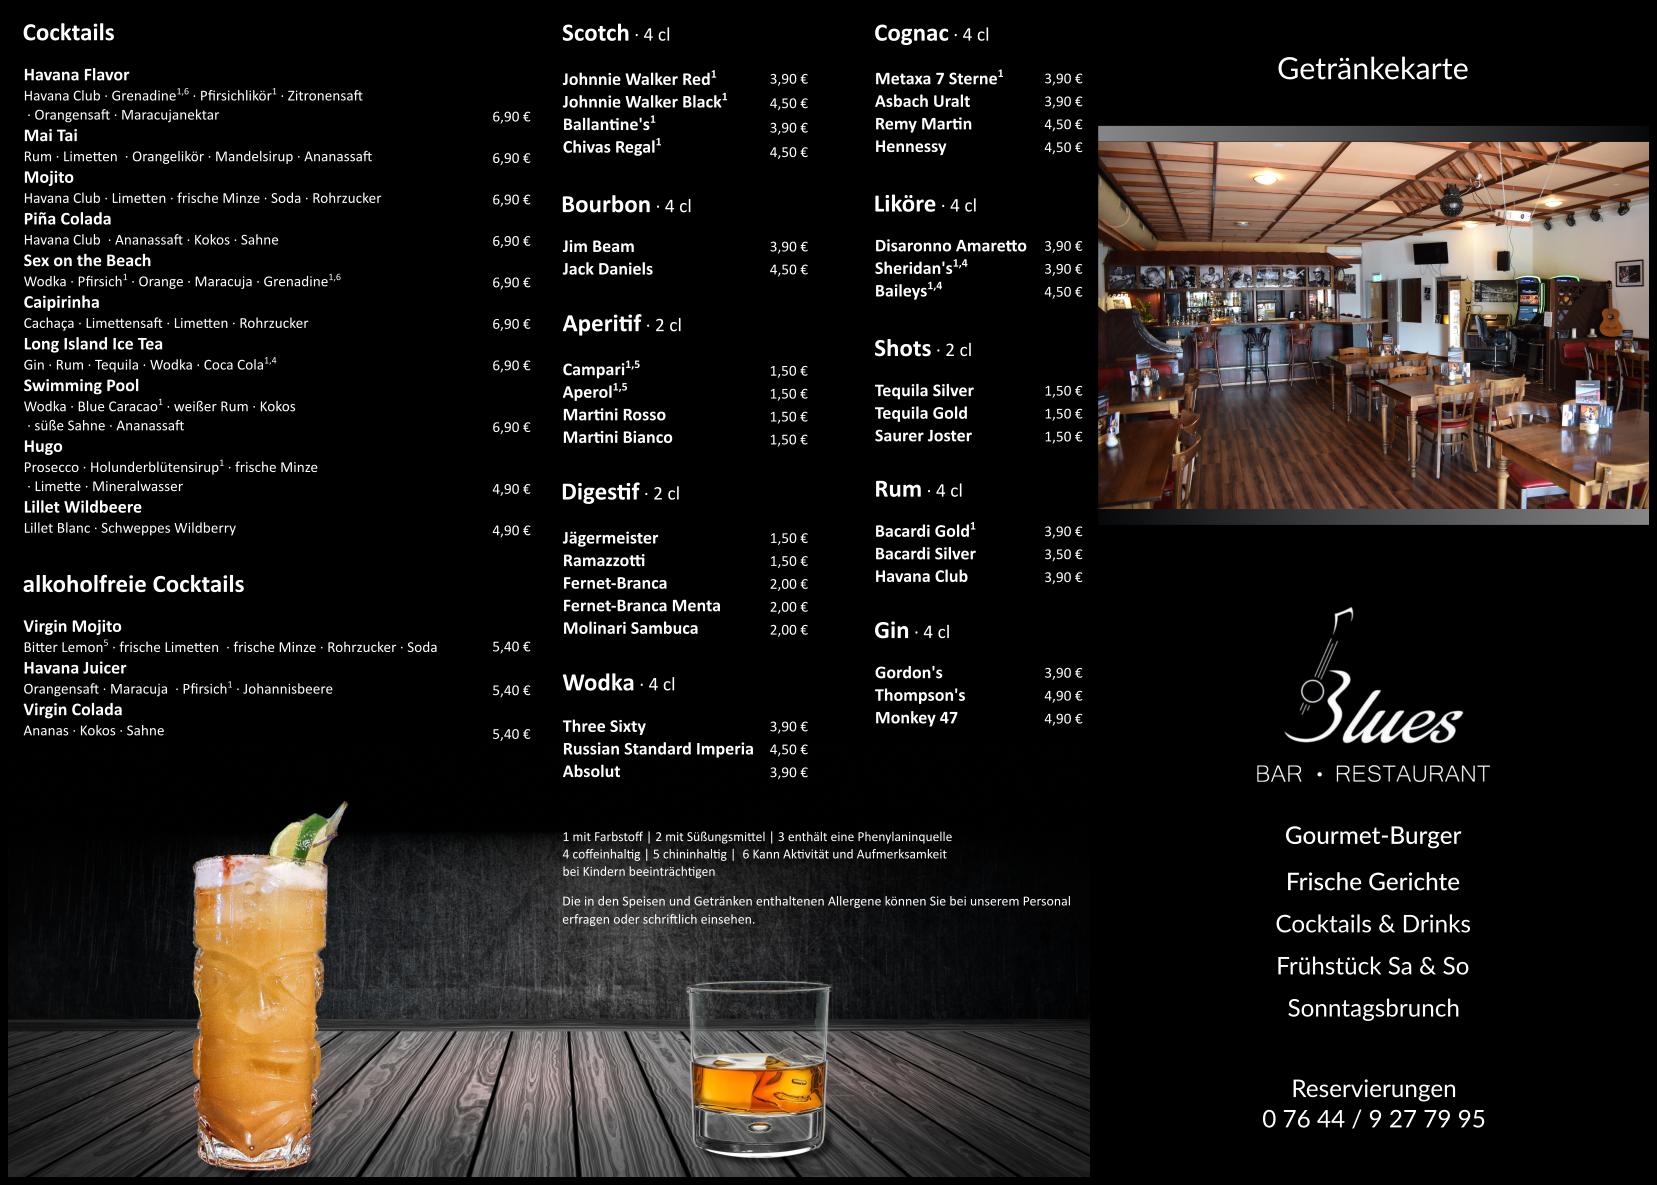 Getränkekarte Seite 2 Blues Bar Restaurant